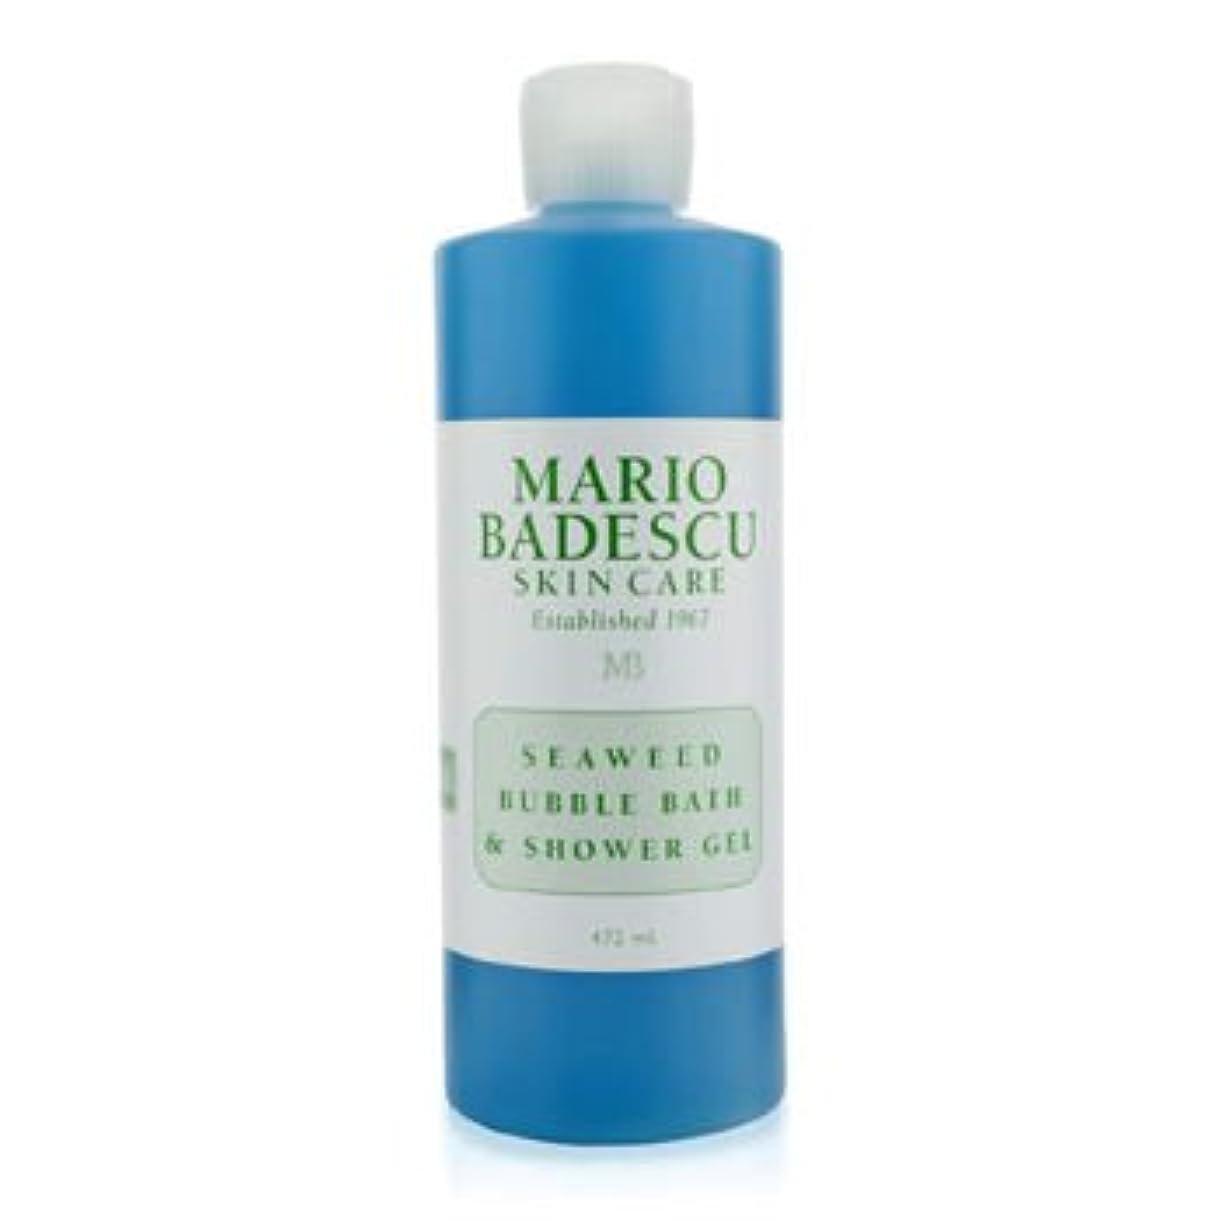 不機嫌異邦人アーサーコナンドイル[Mario Badescu] Seaweed Bubble Bath & Shower Gel 472ml/16oz